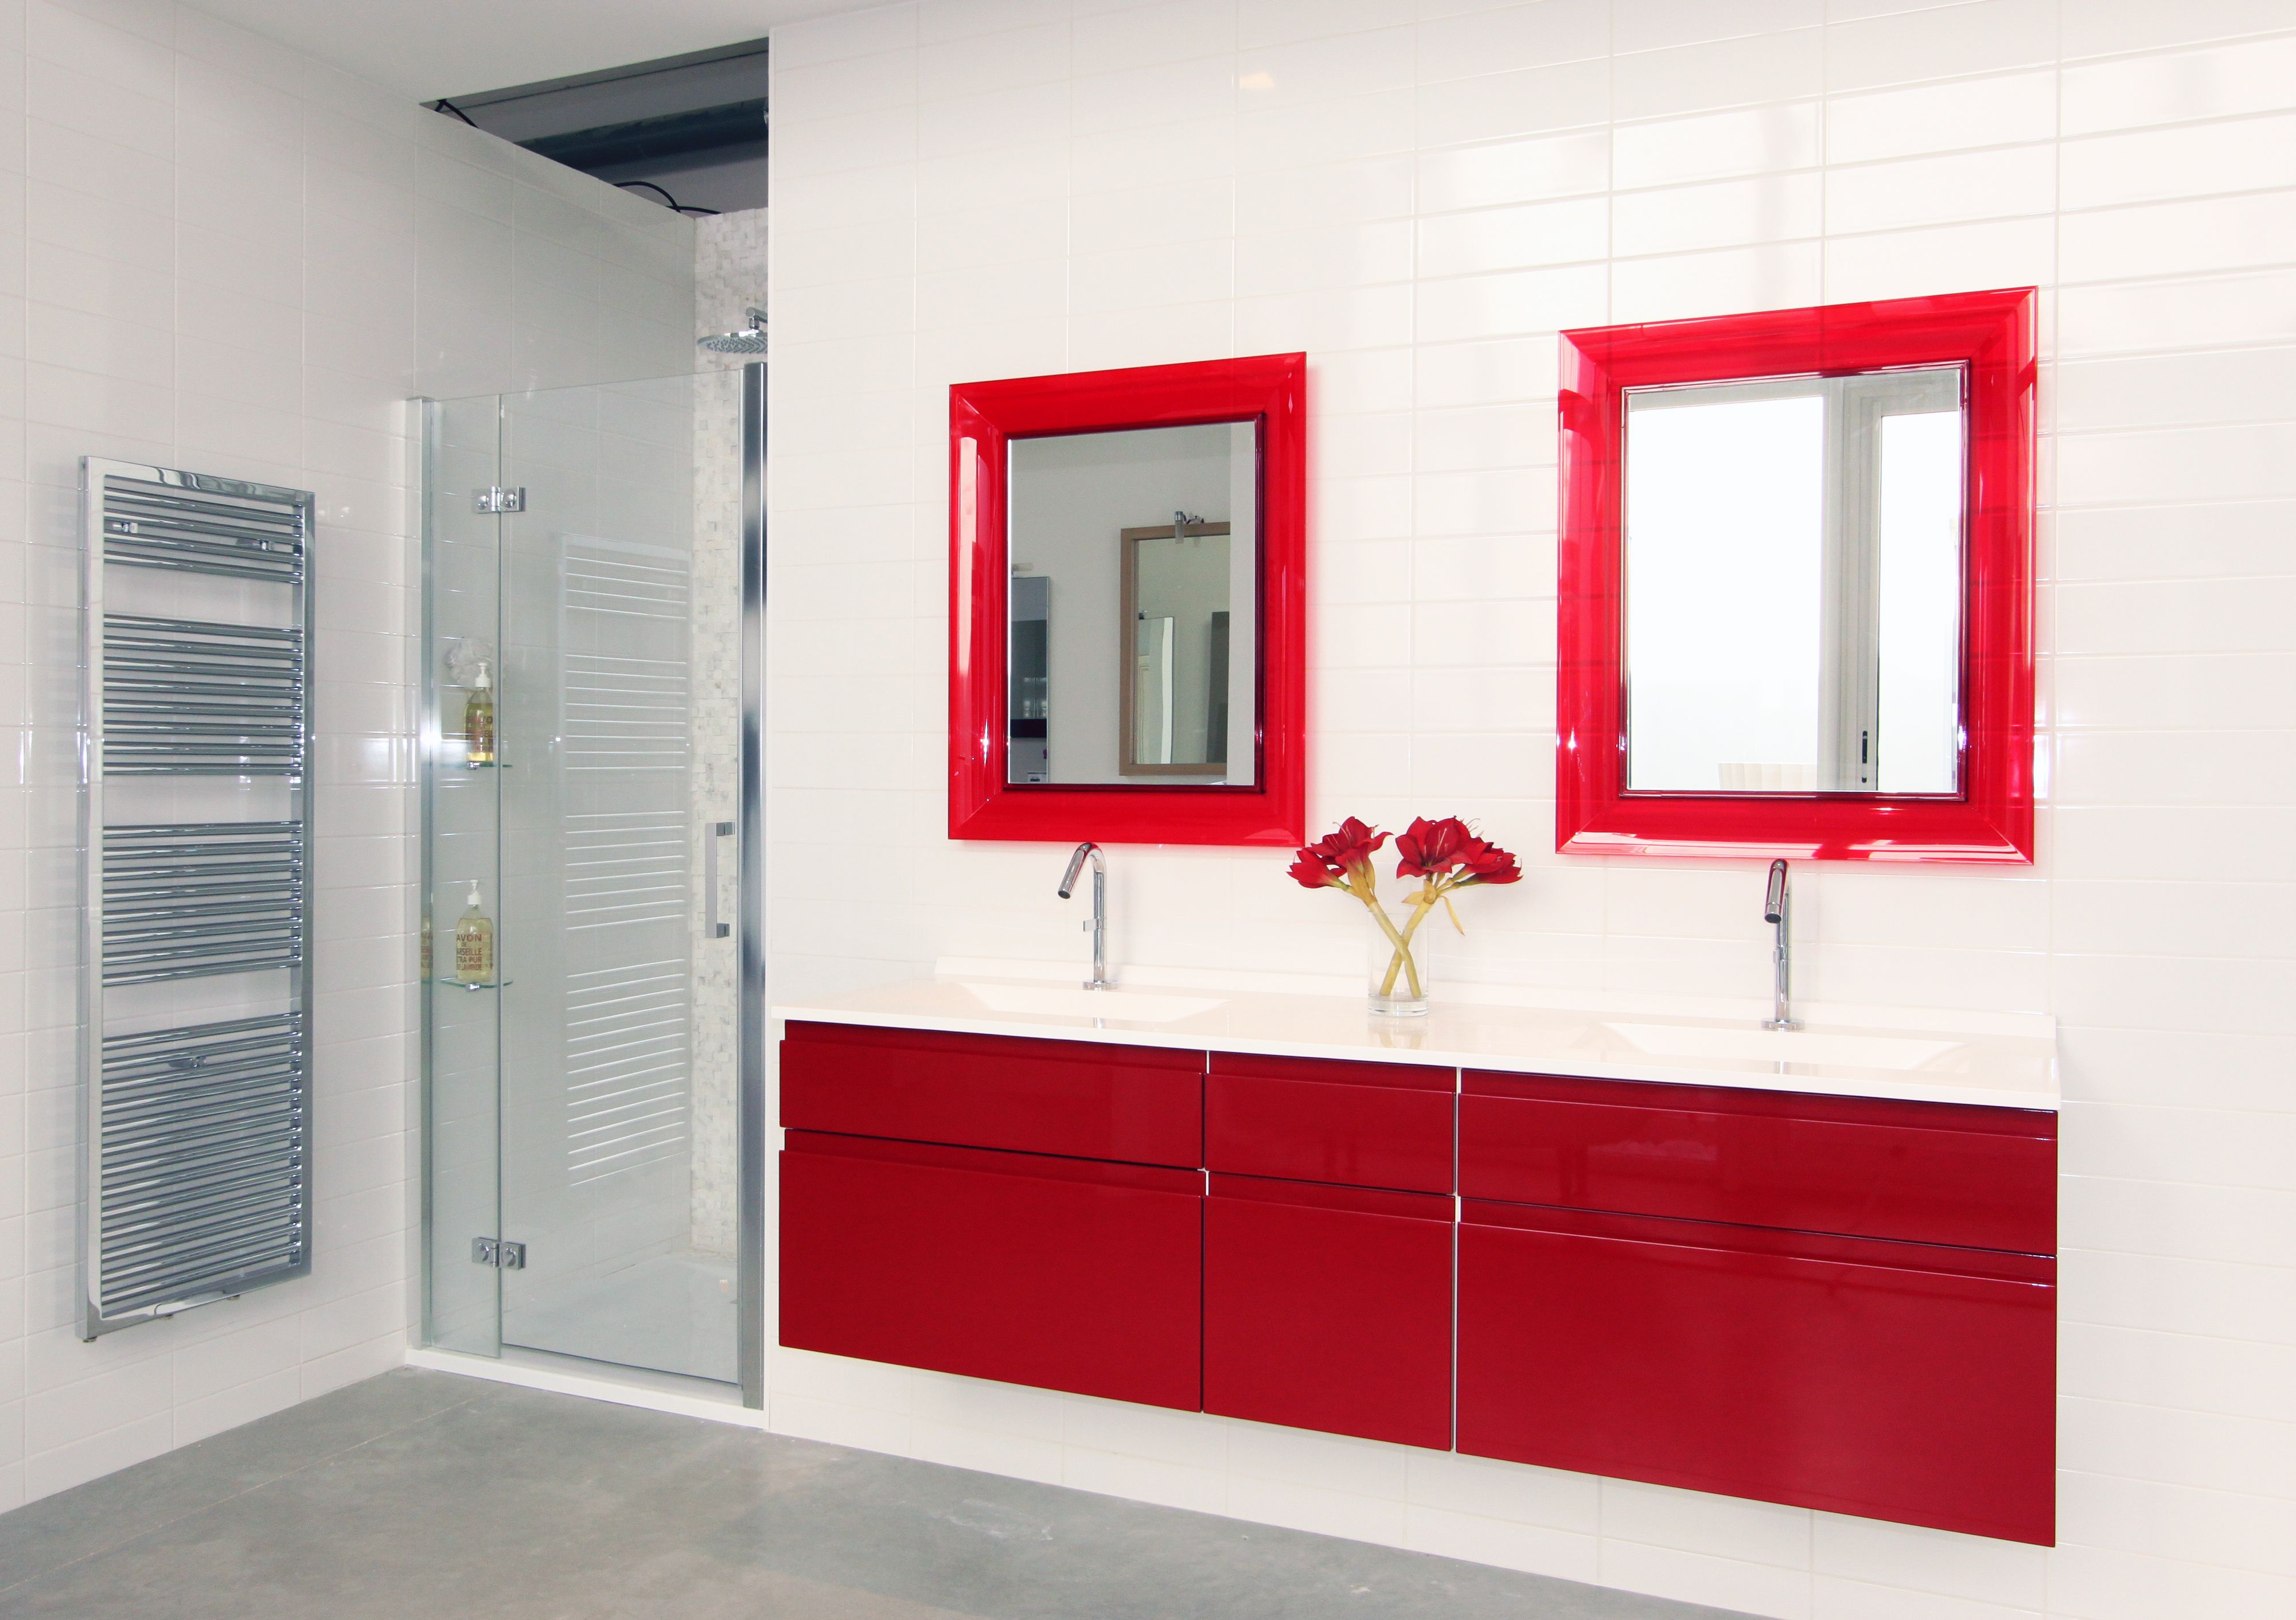 Salle de bains design moderne Bordeau brillant fabrimeuble. fabriqué ...